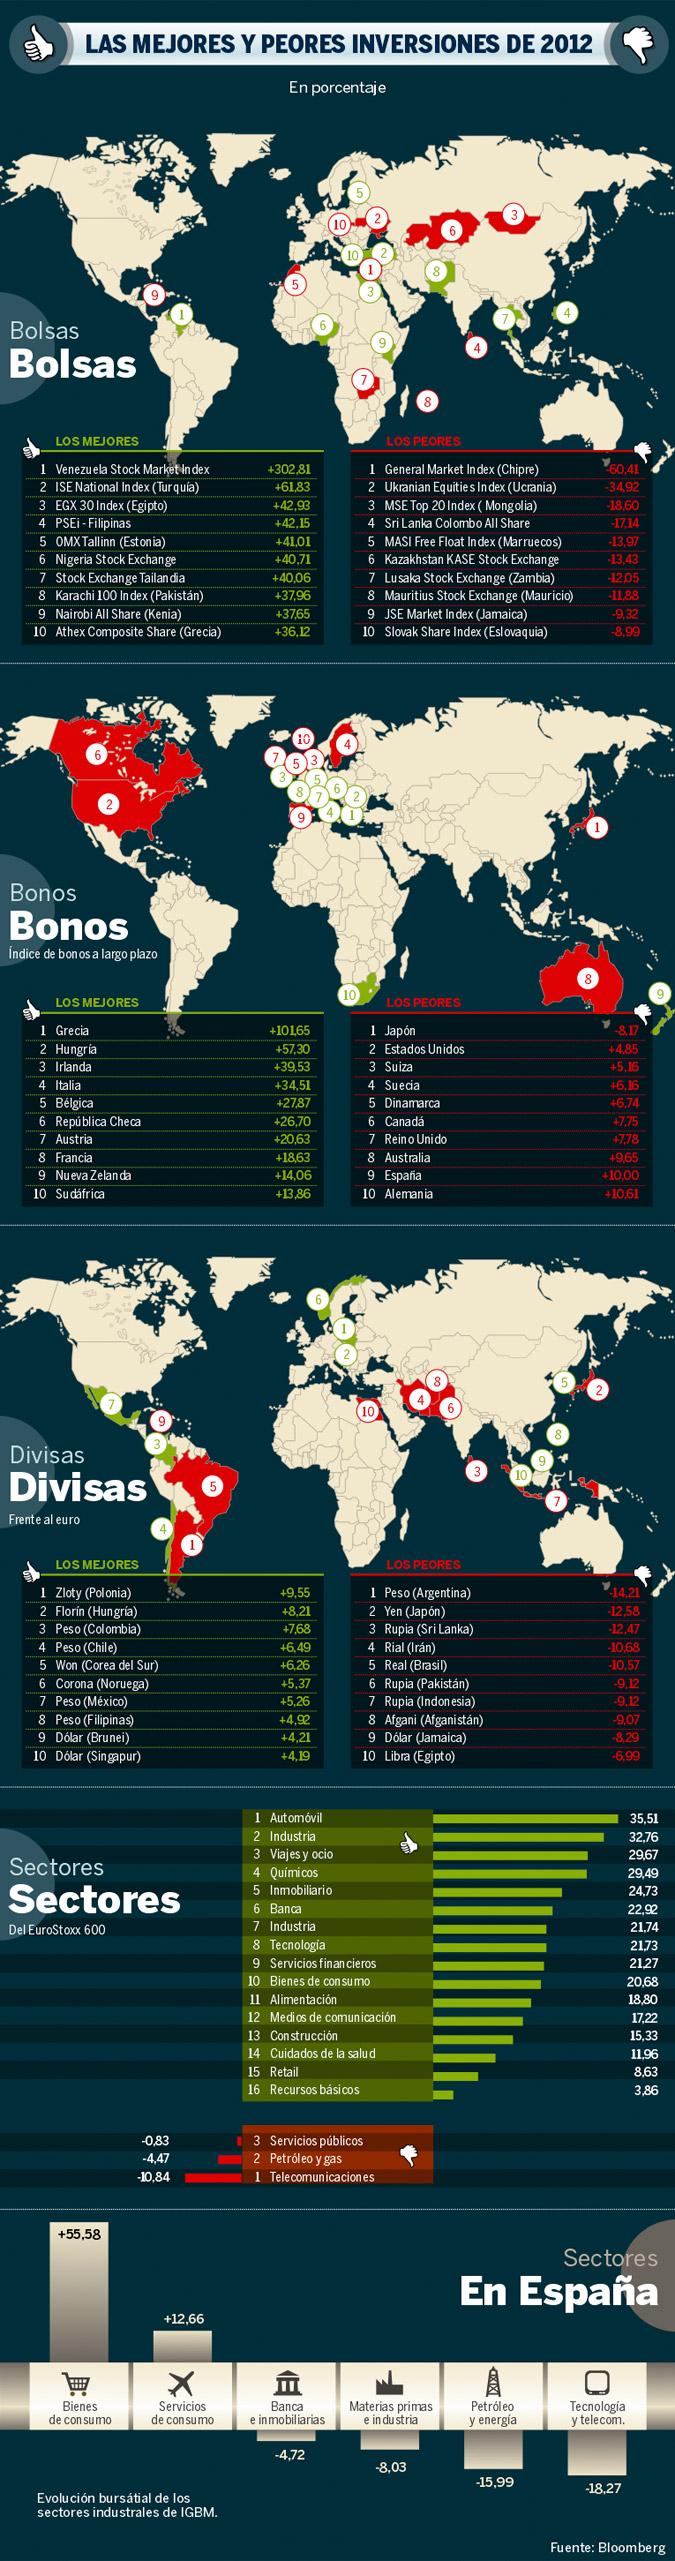 Las mejores y perores inversiones de 2012